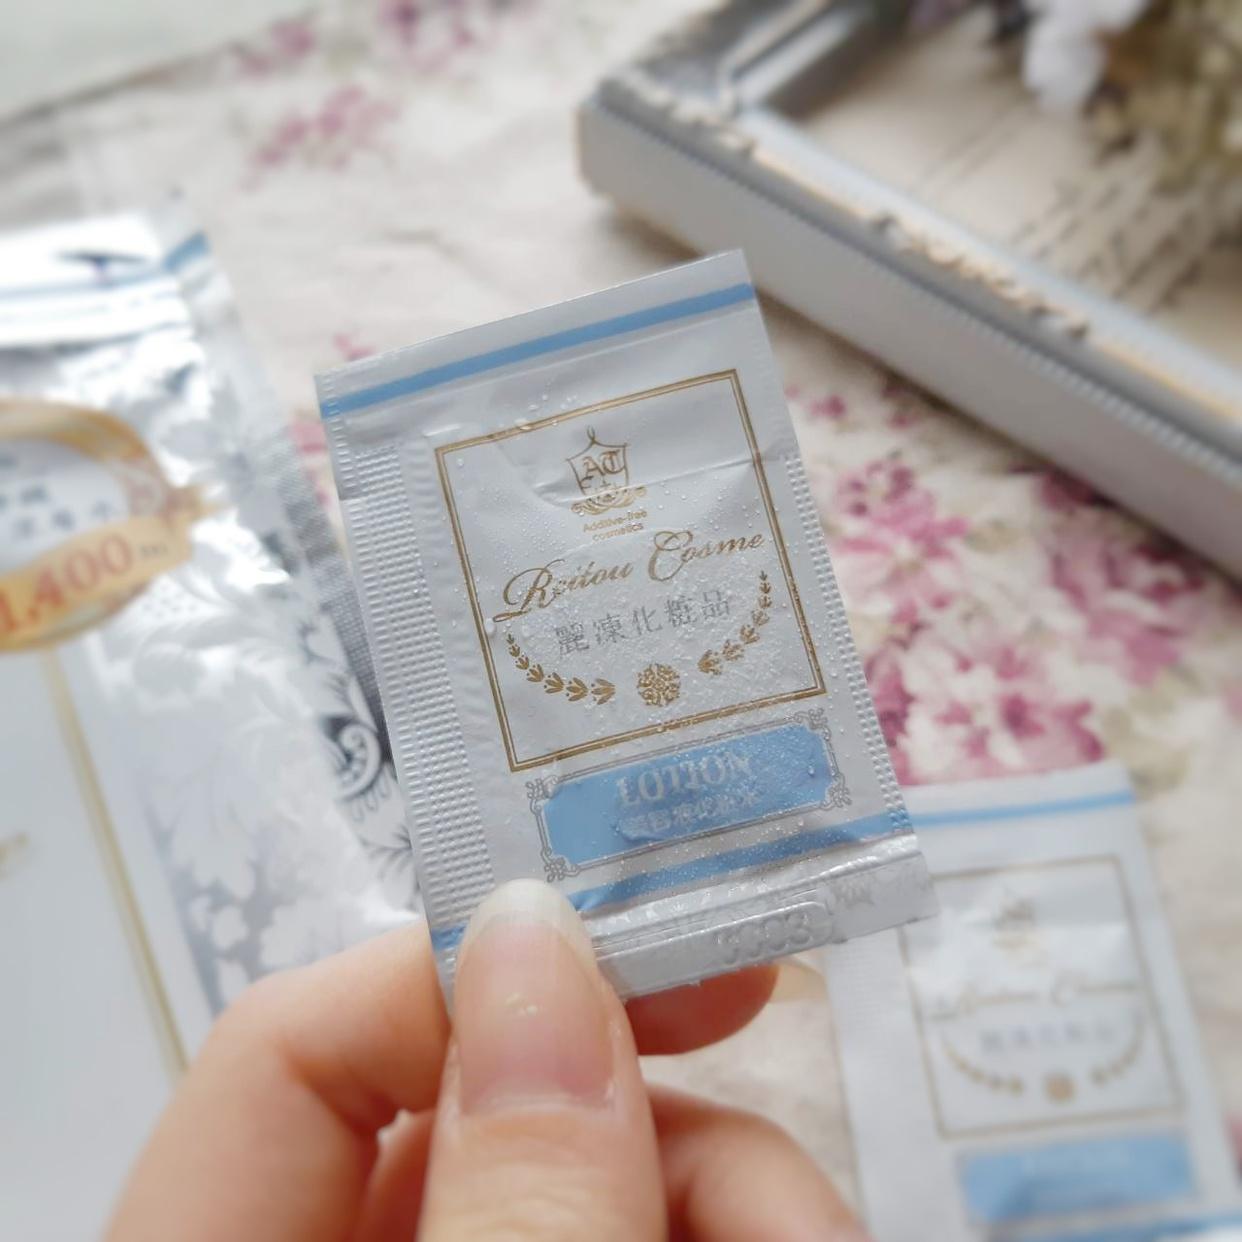 麗凍化粧品(Reitou Cosme) 美容液 化粧水を使った銀麦さんのクチコミ画像2